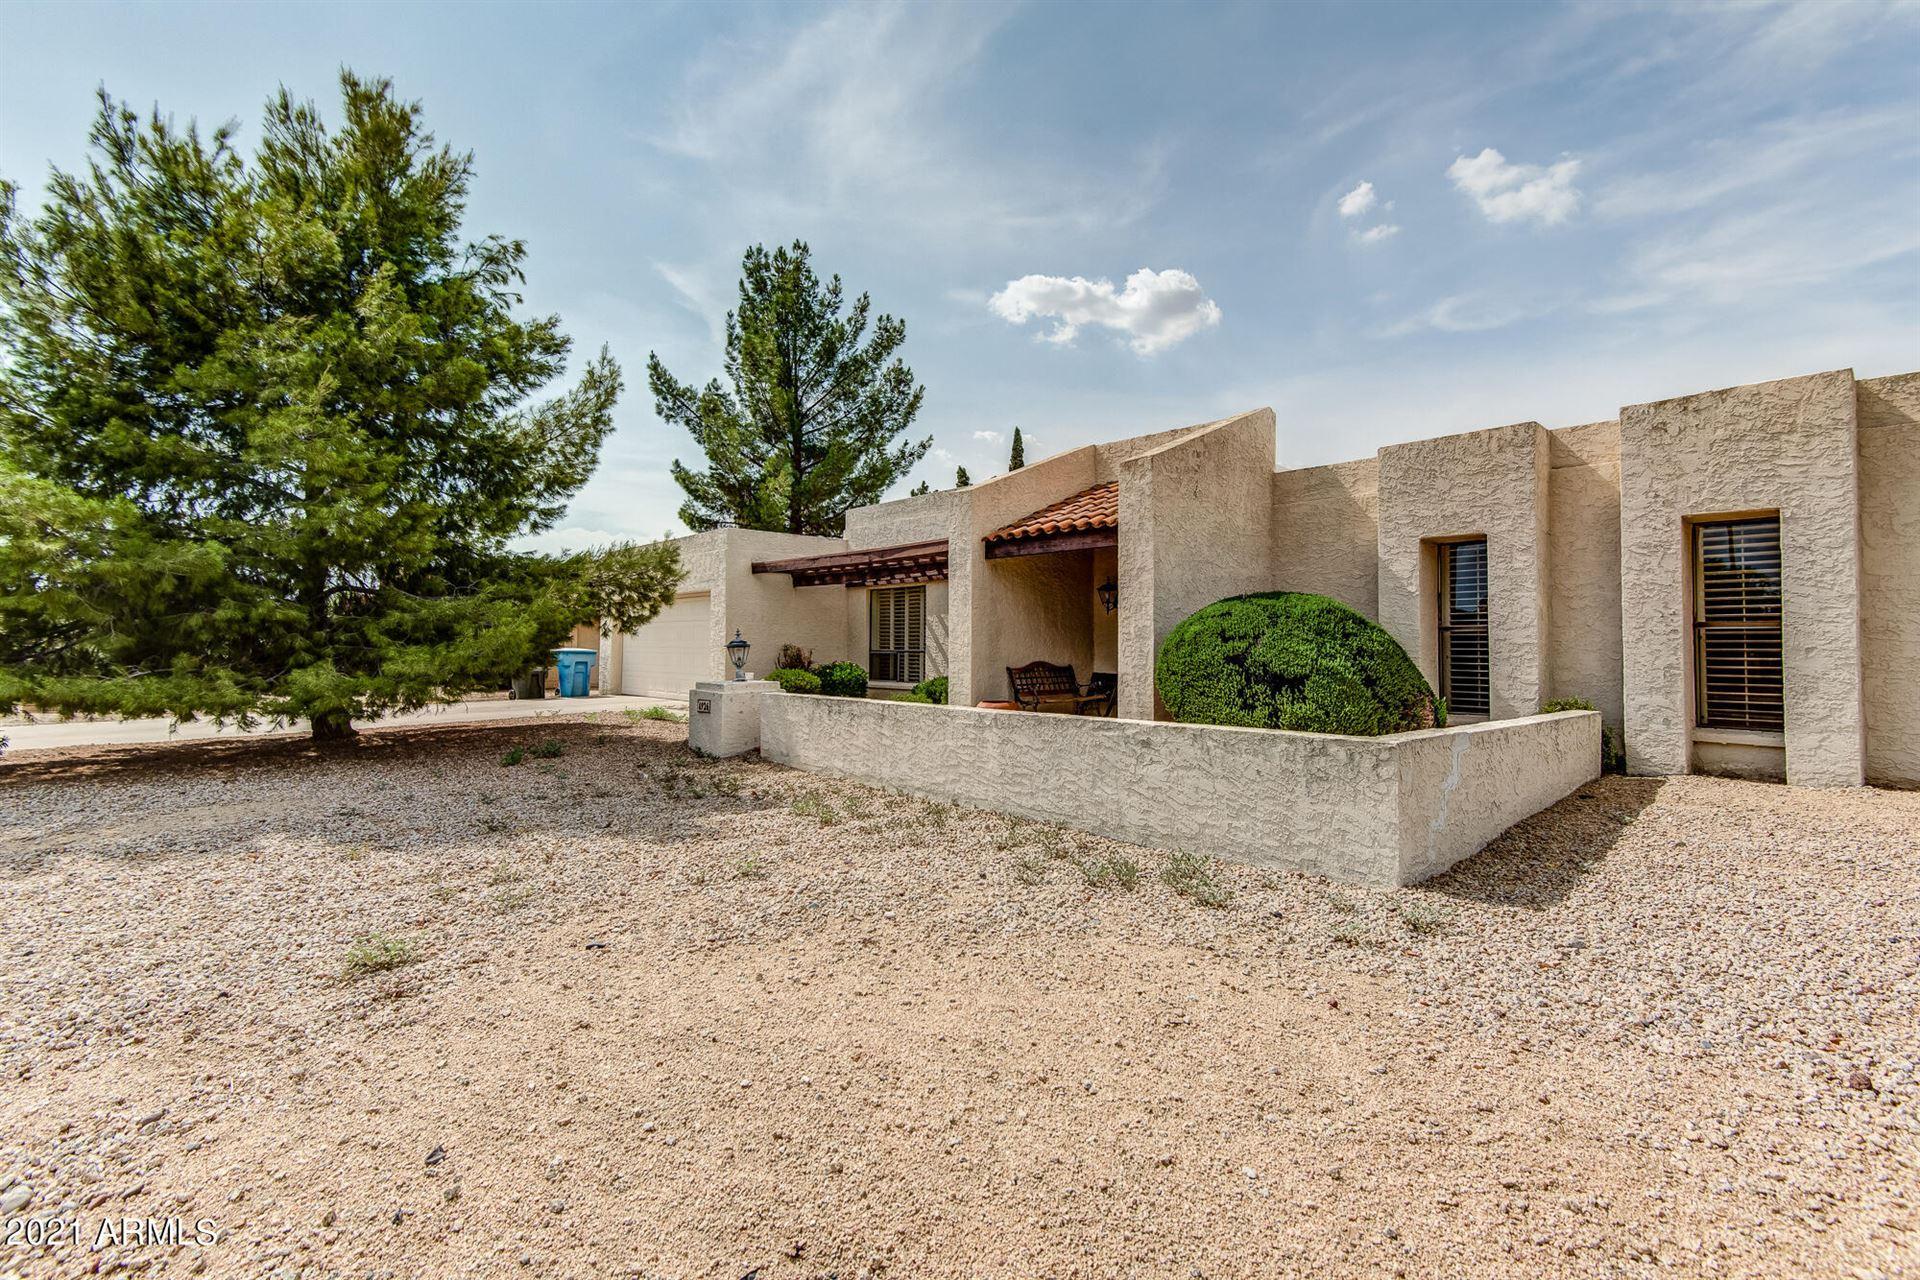 4926 E REDFIELD Road, Scottsdale, AZ 85254 - MLS#: 6268097